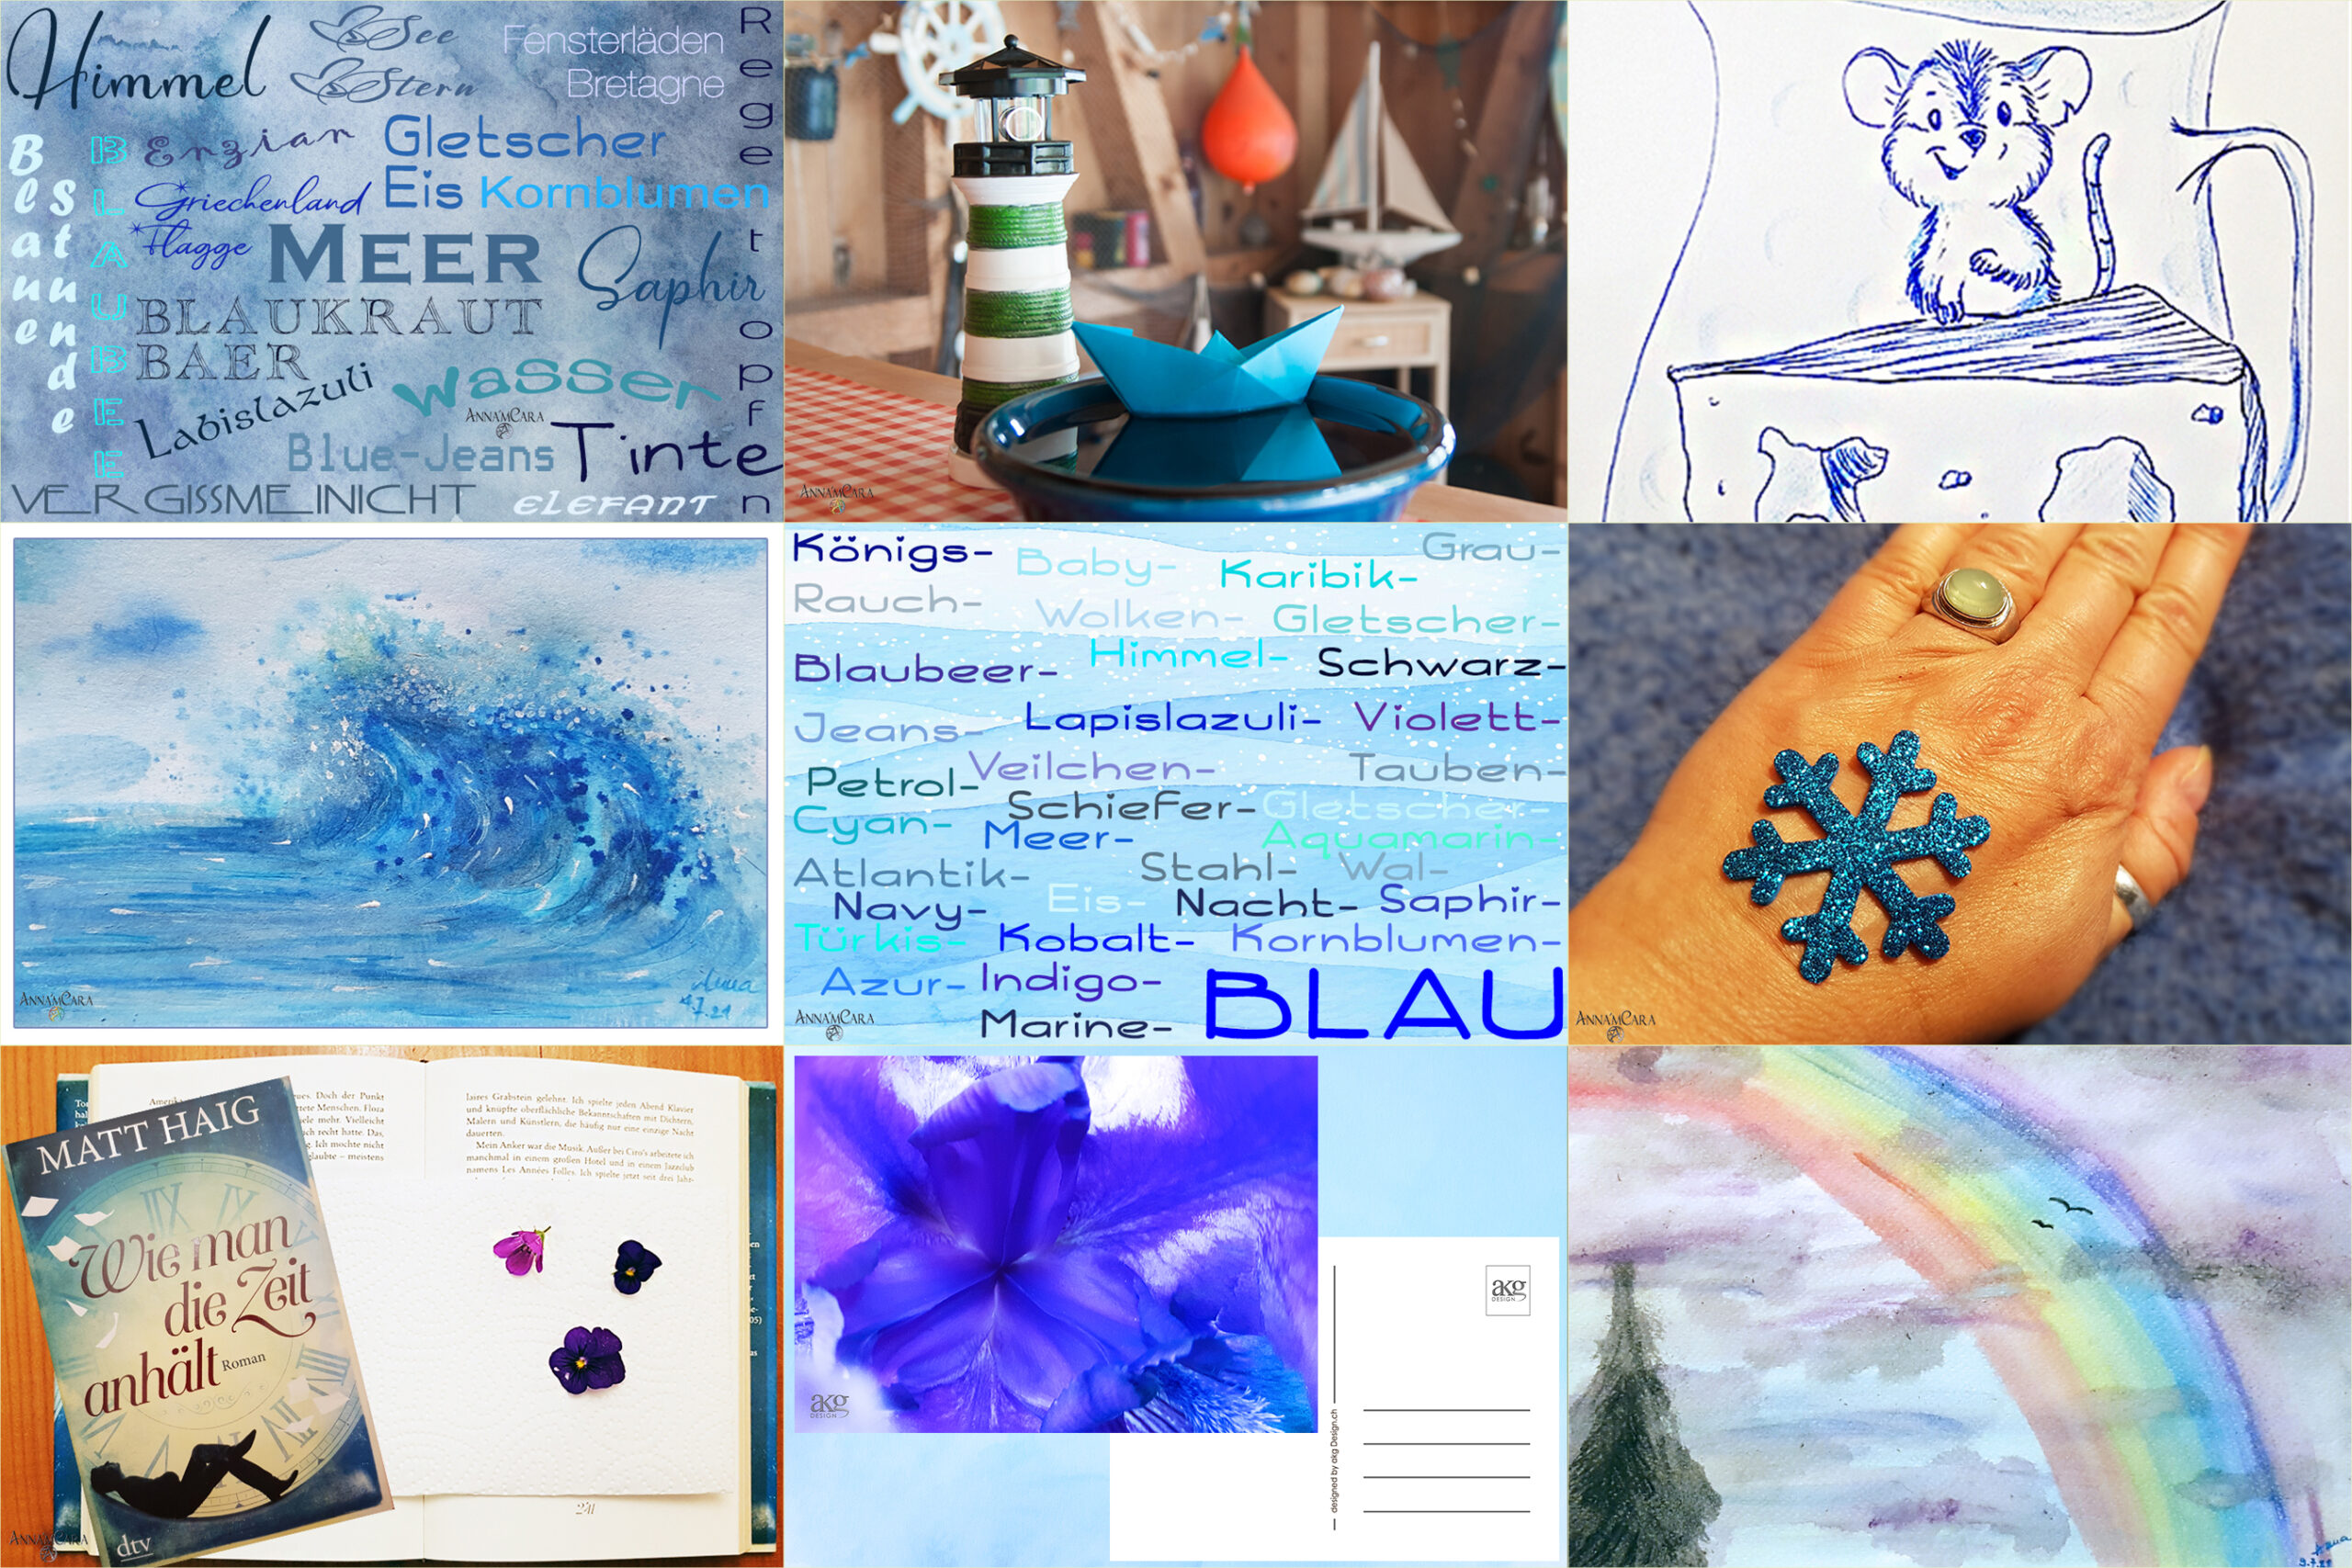 Anna'mCara-Blog - Blau machen 1.-9. Juli 2021 - Titelbild